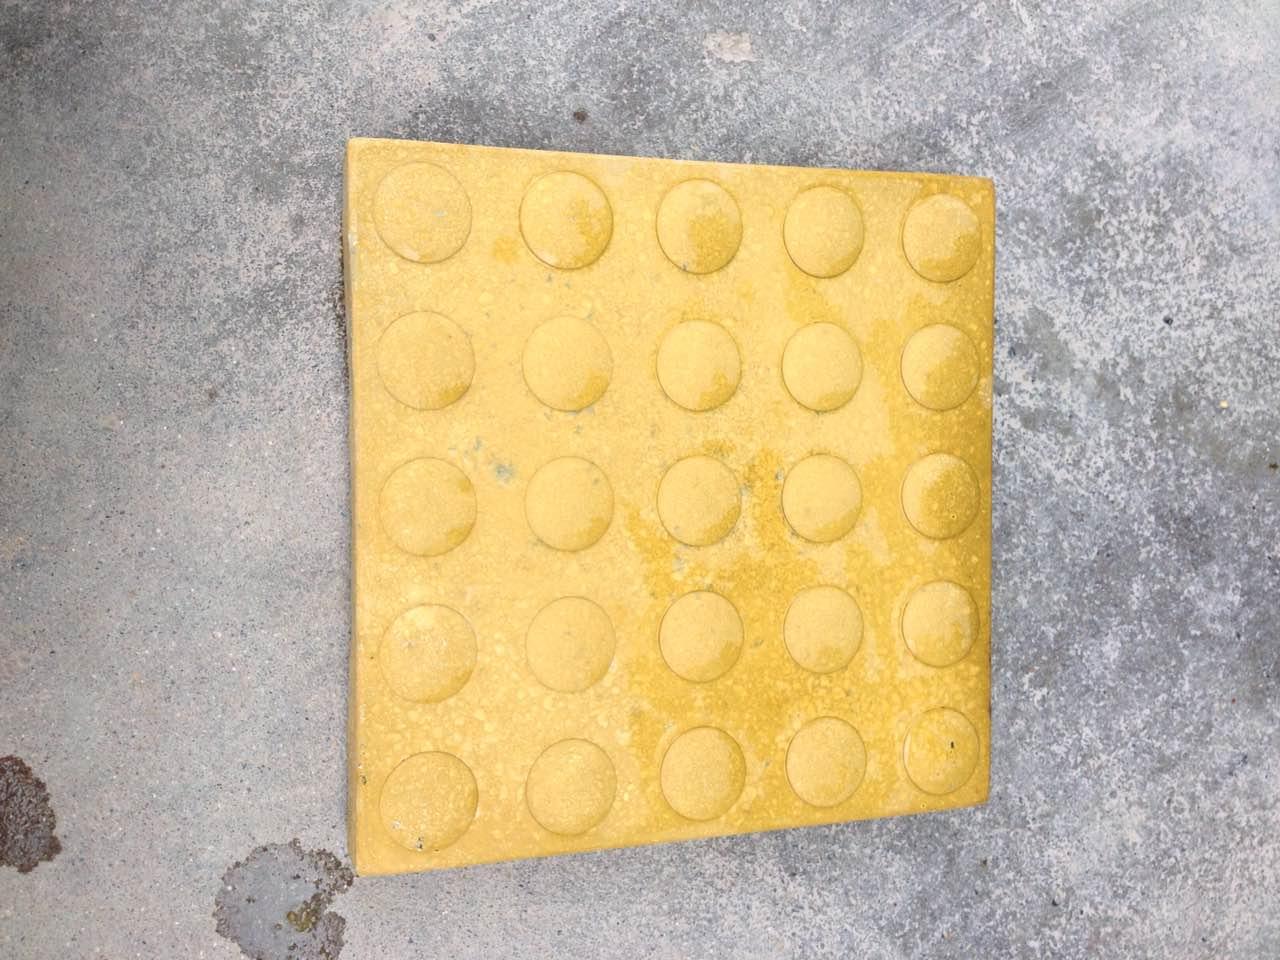 盲点彩砖加工